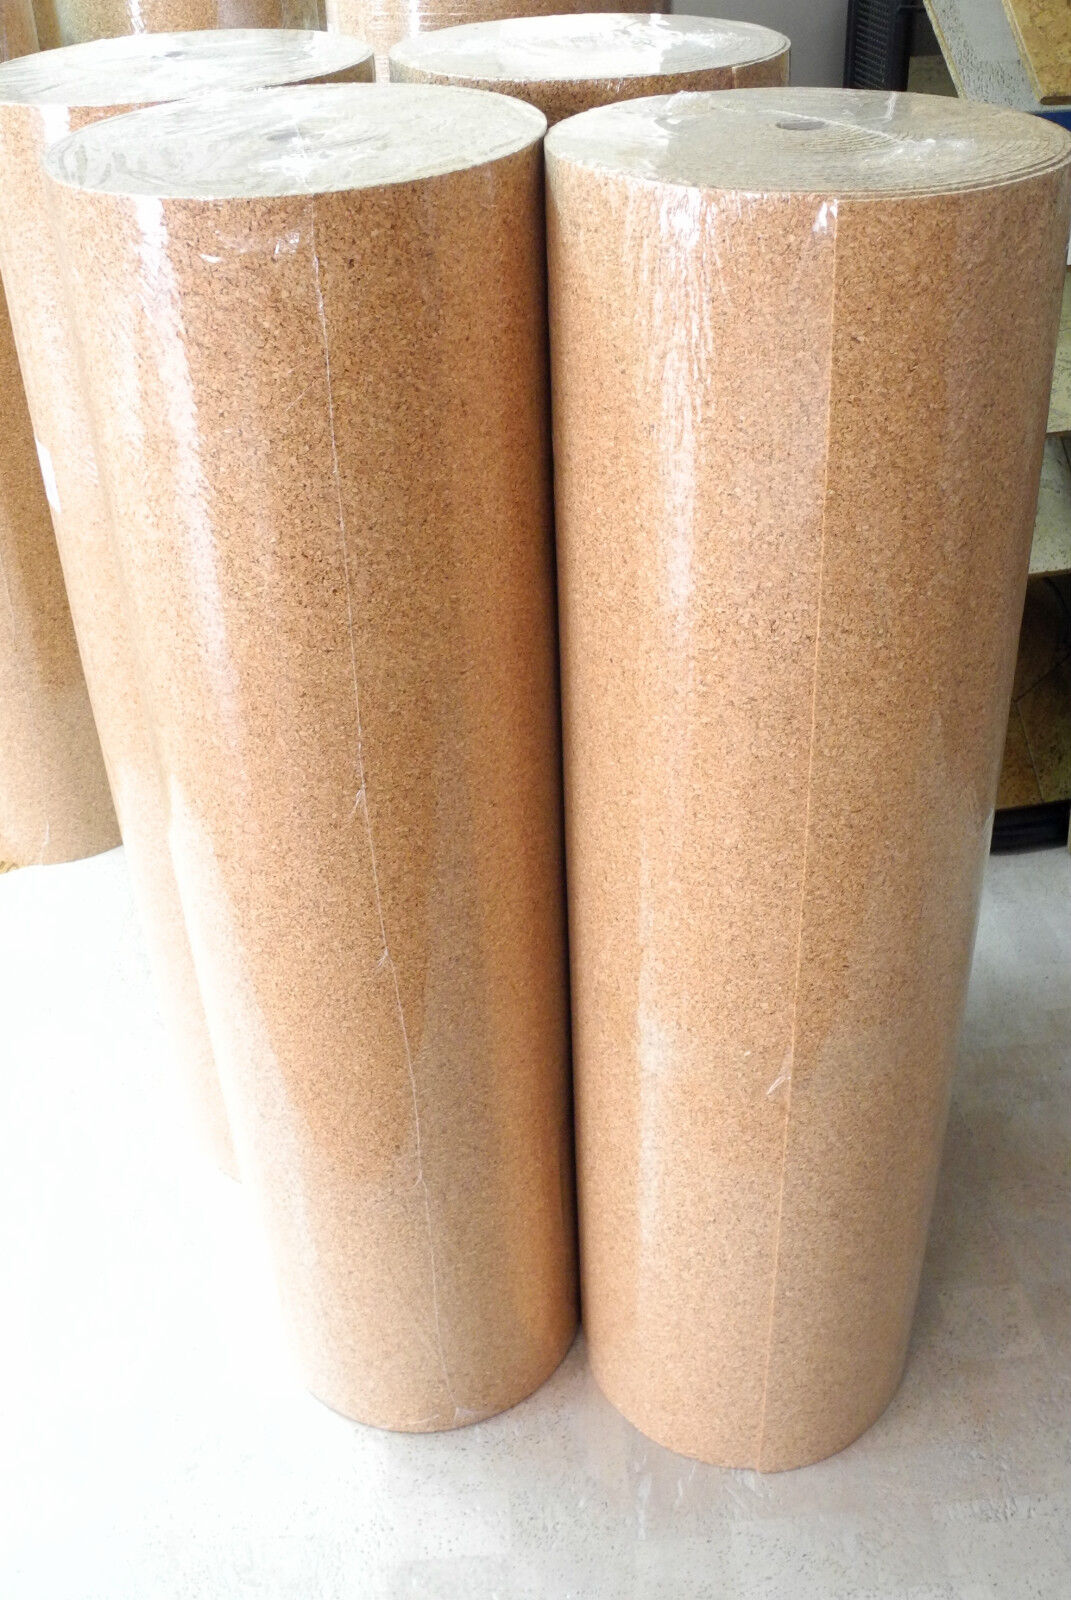 30 m² Trittschalldämmung Rollenkork  Kork  2 mm  für Holz-Parkett  Laminat